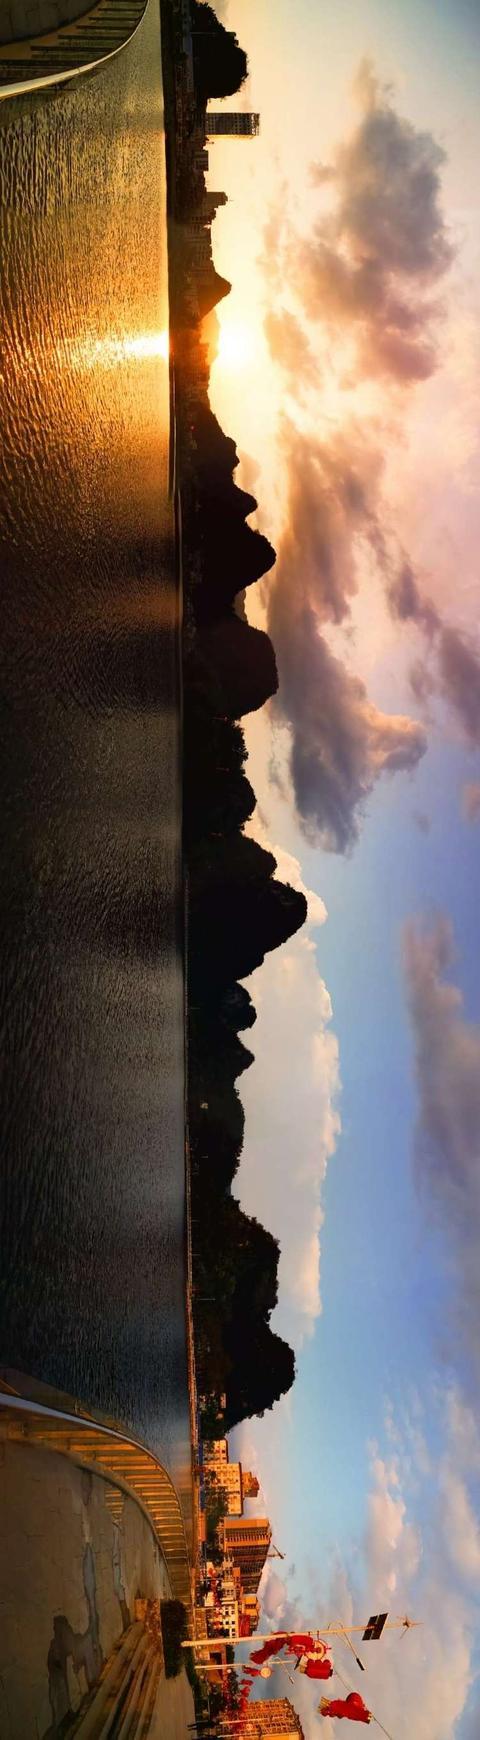 金波花的影,云浮旅游丨蟠龙天湖泛金波,黄金风铃花正开